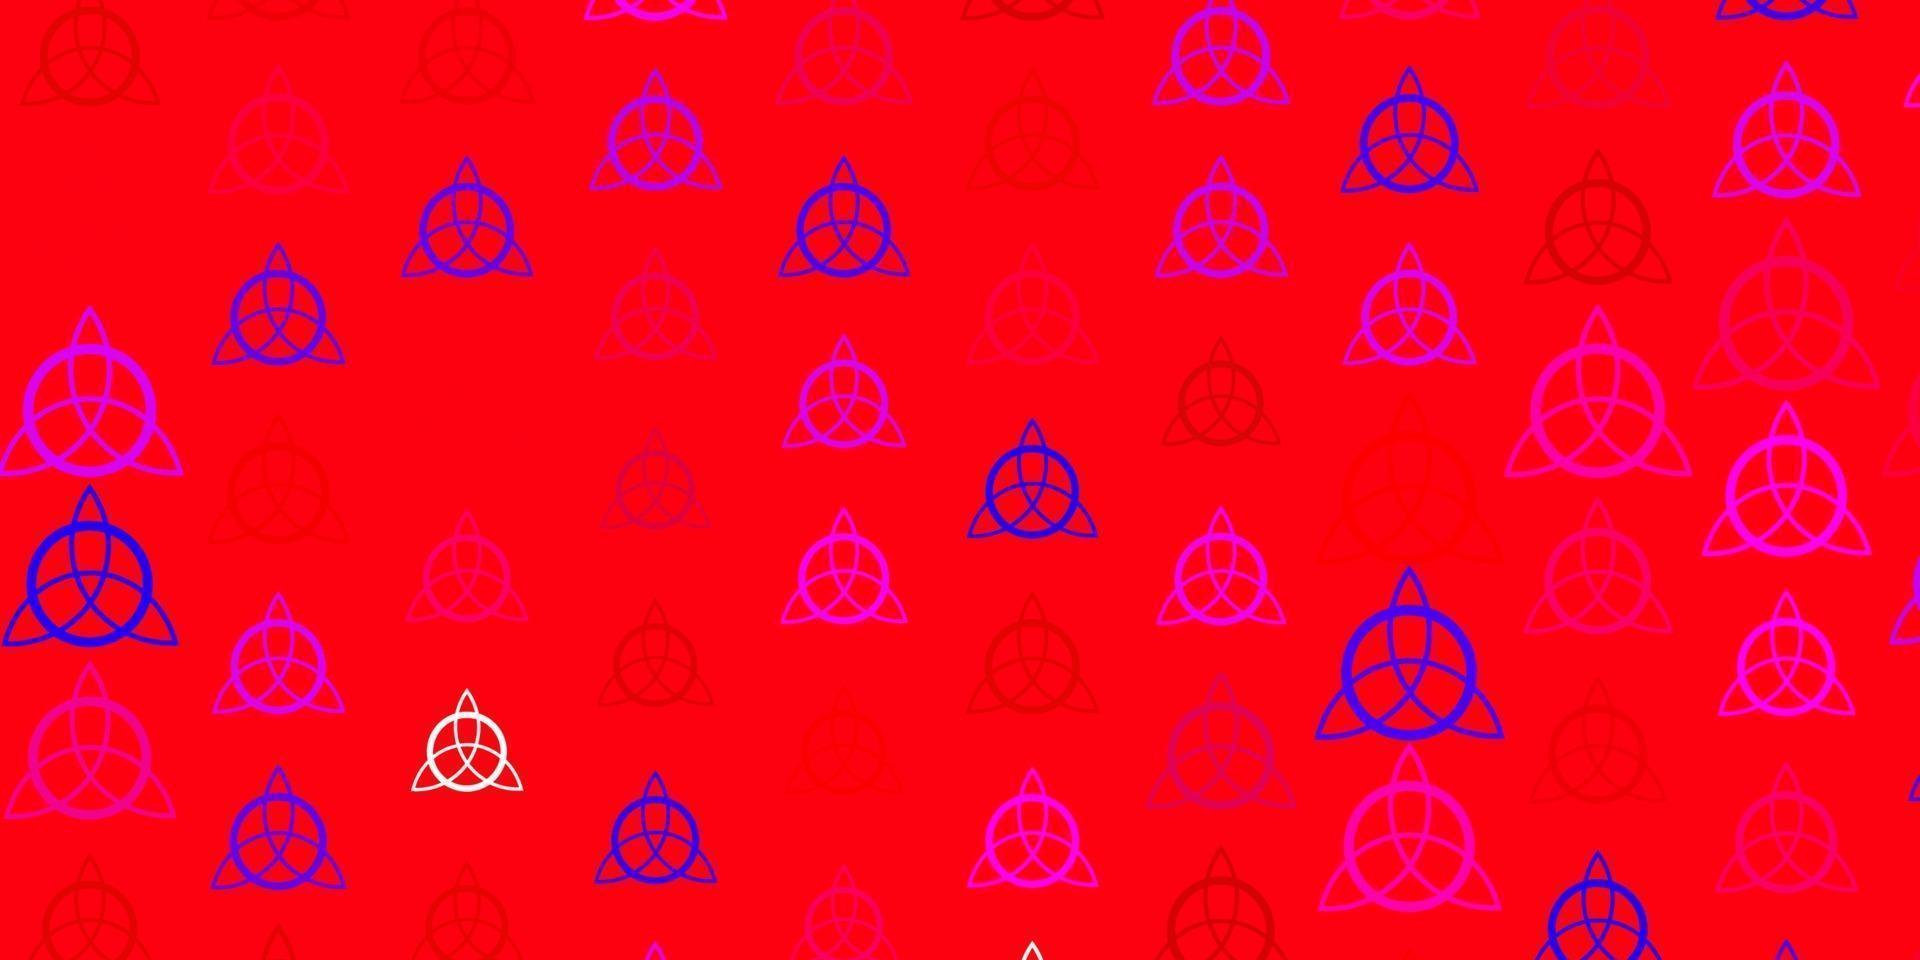 trama vettoriale rosa chiaro, giallo con simboli religiosi.